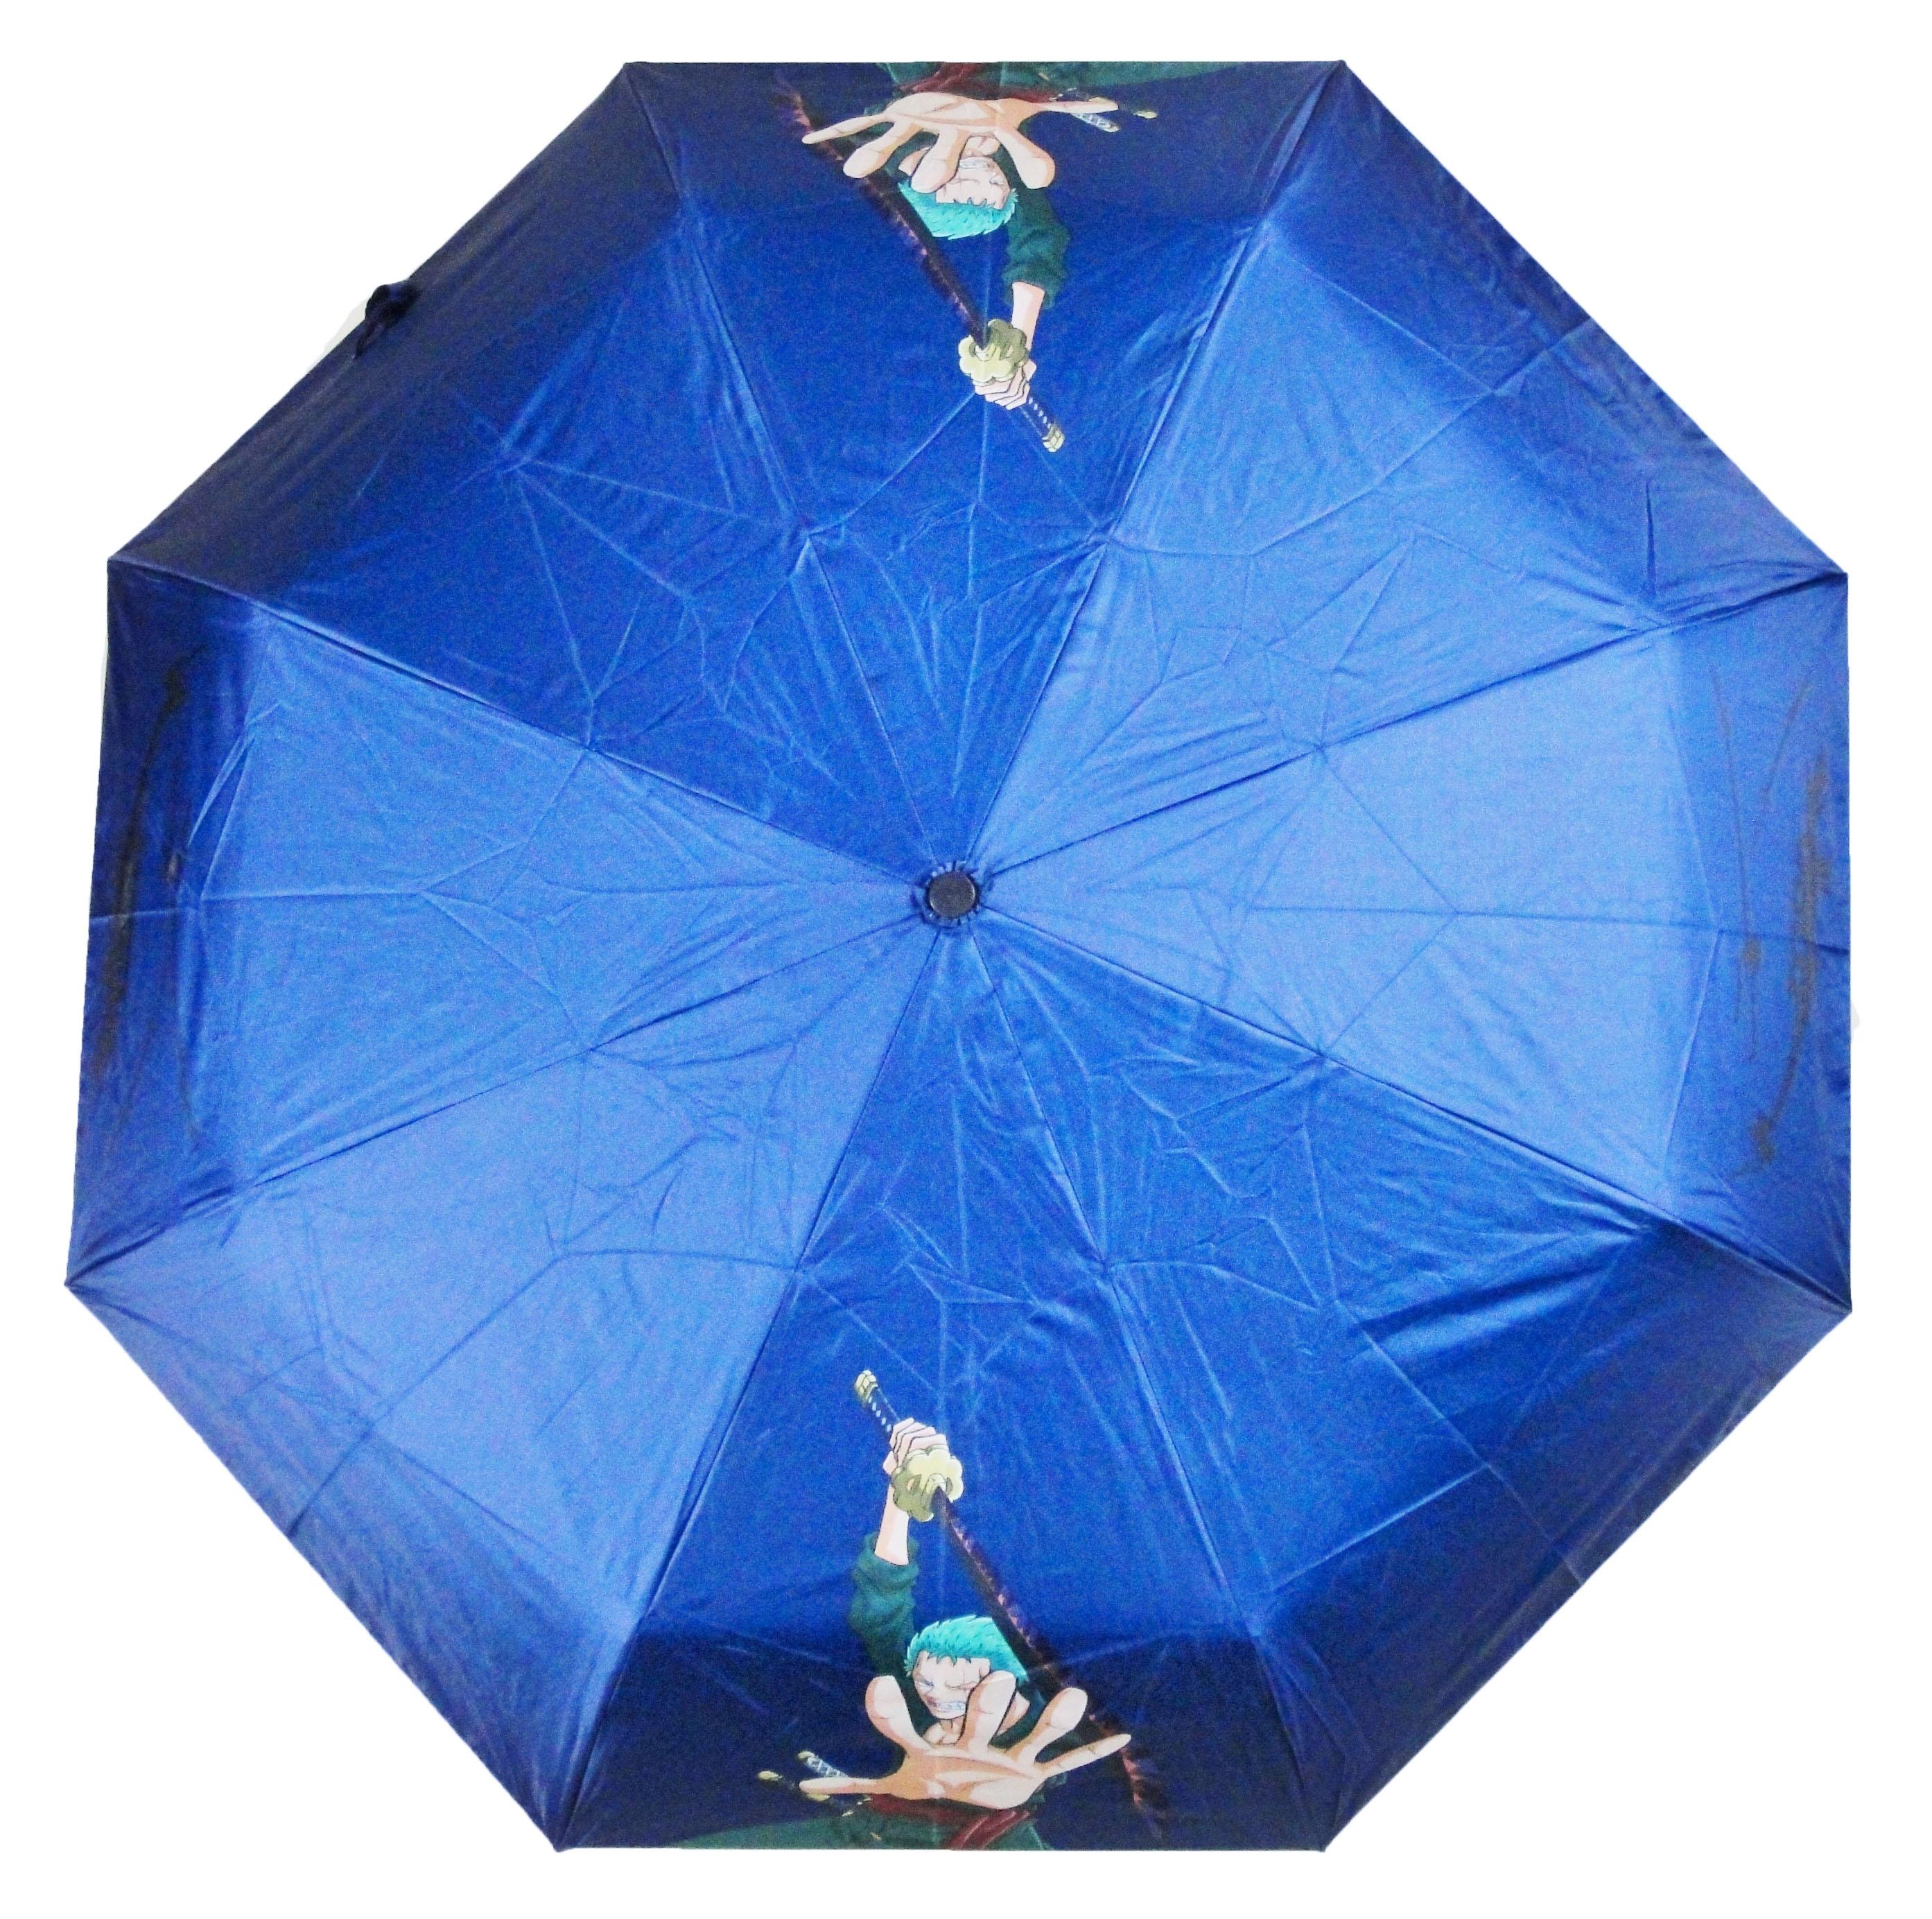 One Piece 航海王 海賊王 索隆 Zero 深藍色 自動傘 雨傘 陽傘 晴雨傘